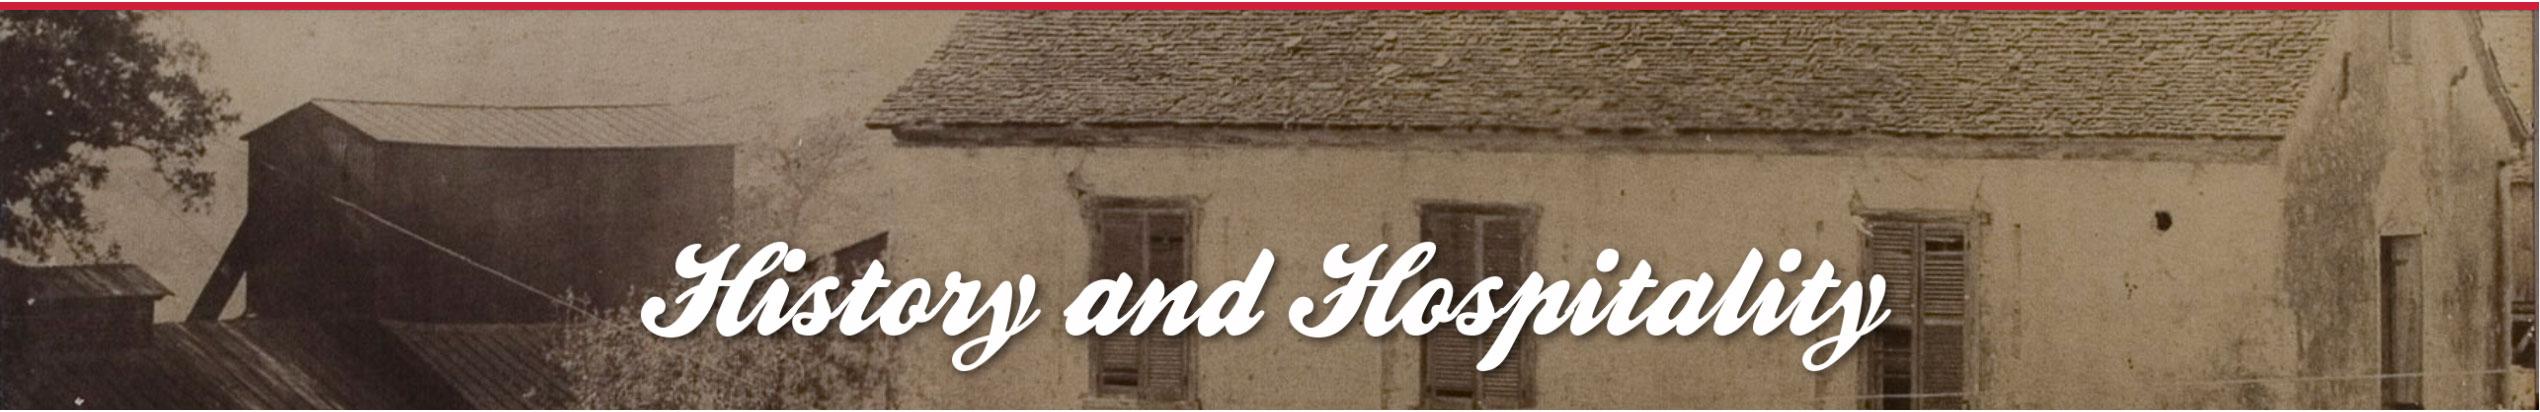 History of the Landmark Inn.